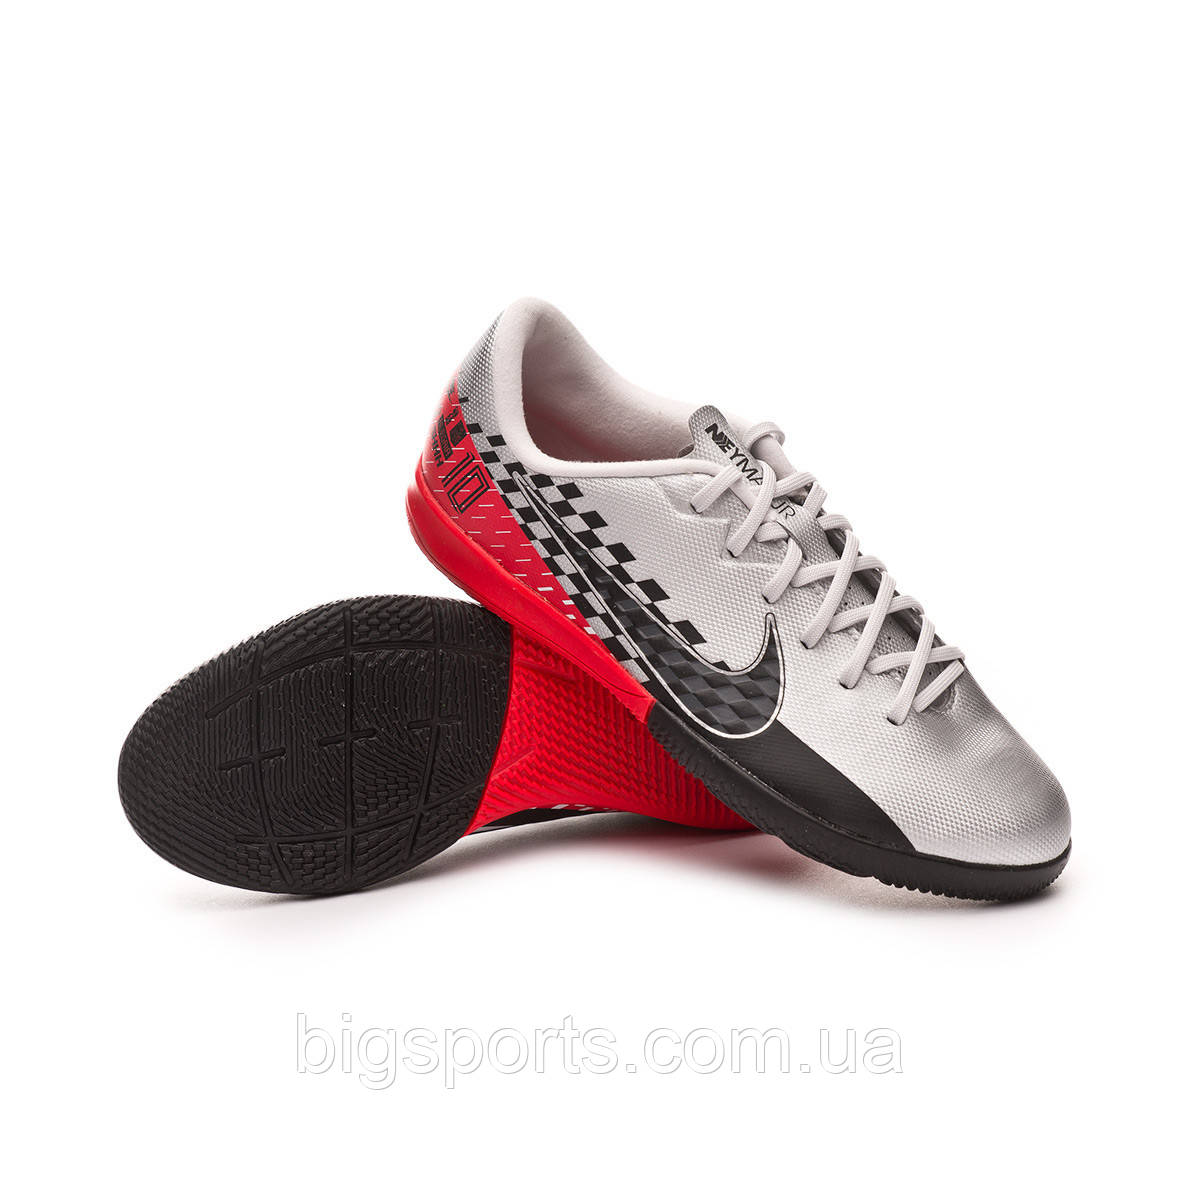 Бутсы футбольные для игры в зале дет. Nike Jr Vapor 13 Academy Njr IC (арт. AT8139-006), фото 1